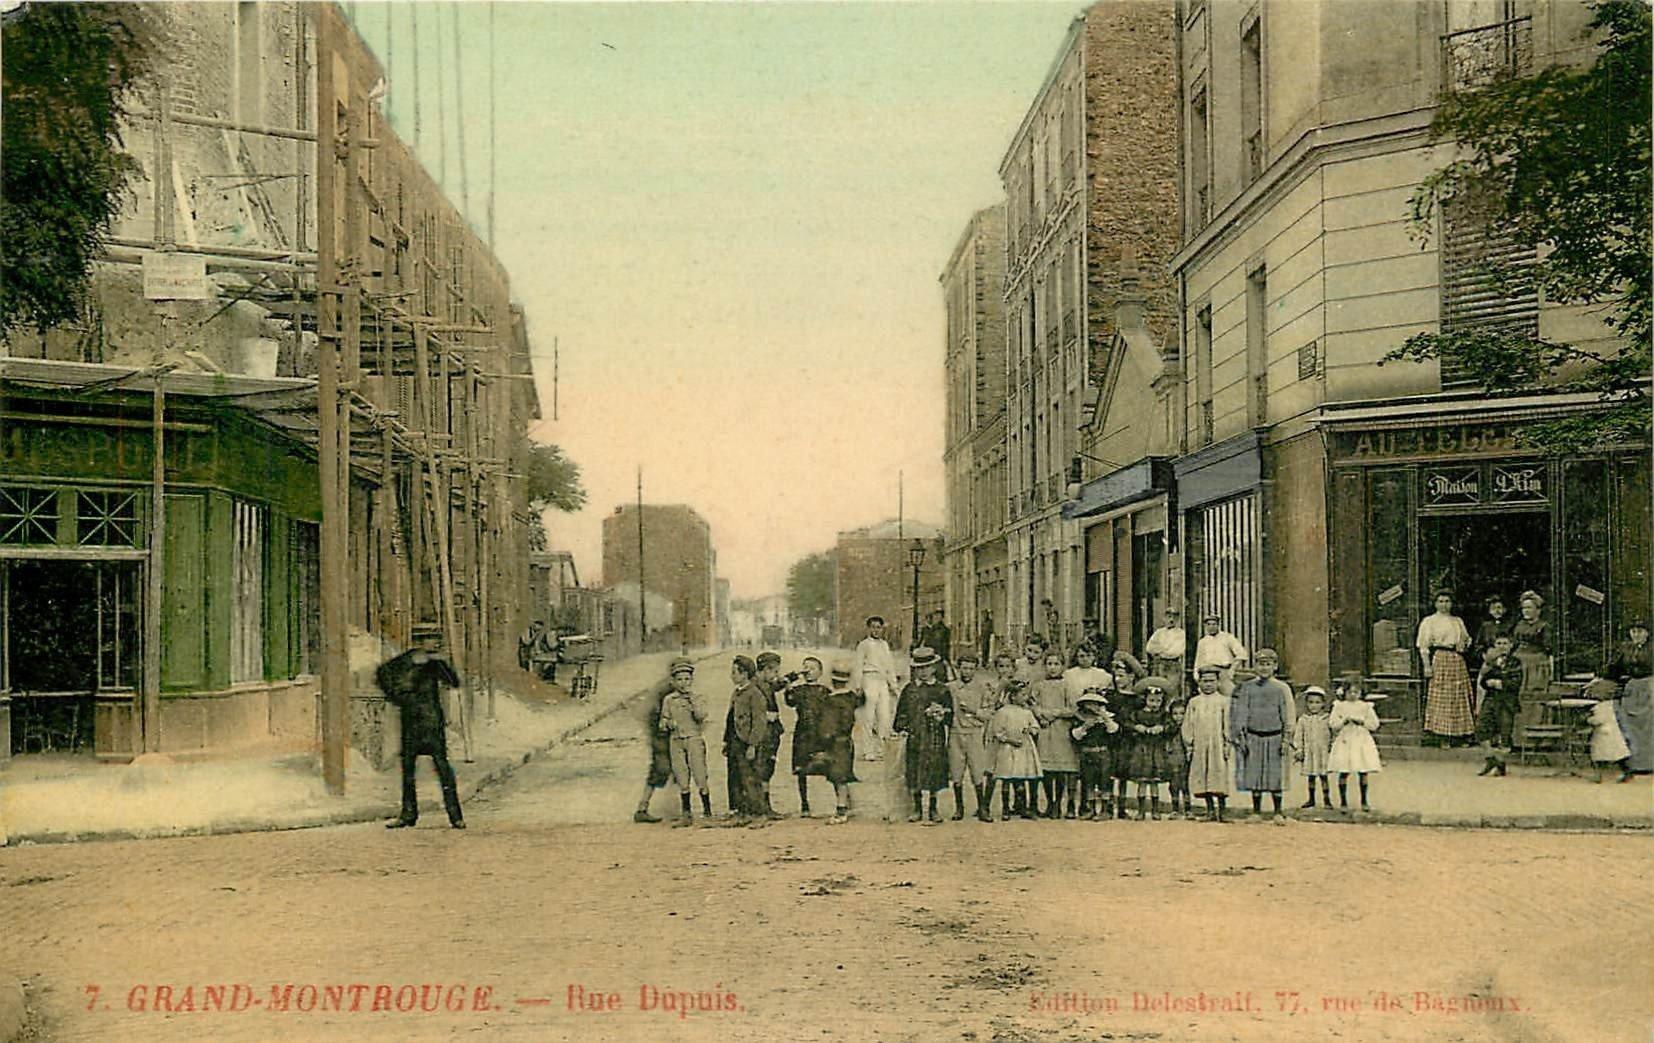 WW 92 GRAND-MONTROUGE. Nombreux écoliers entre les deux Cafés rue Dupuis